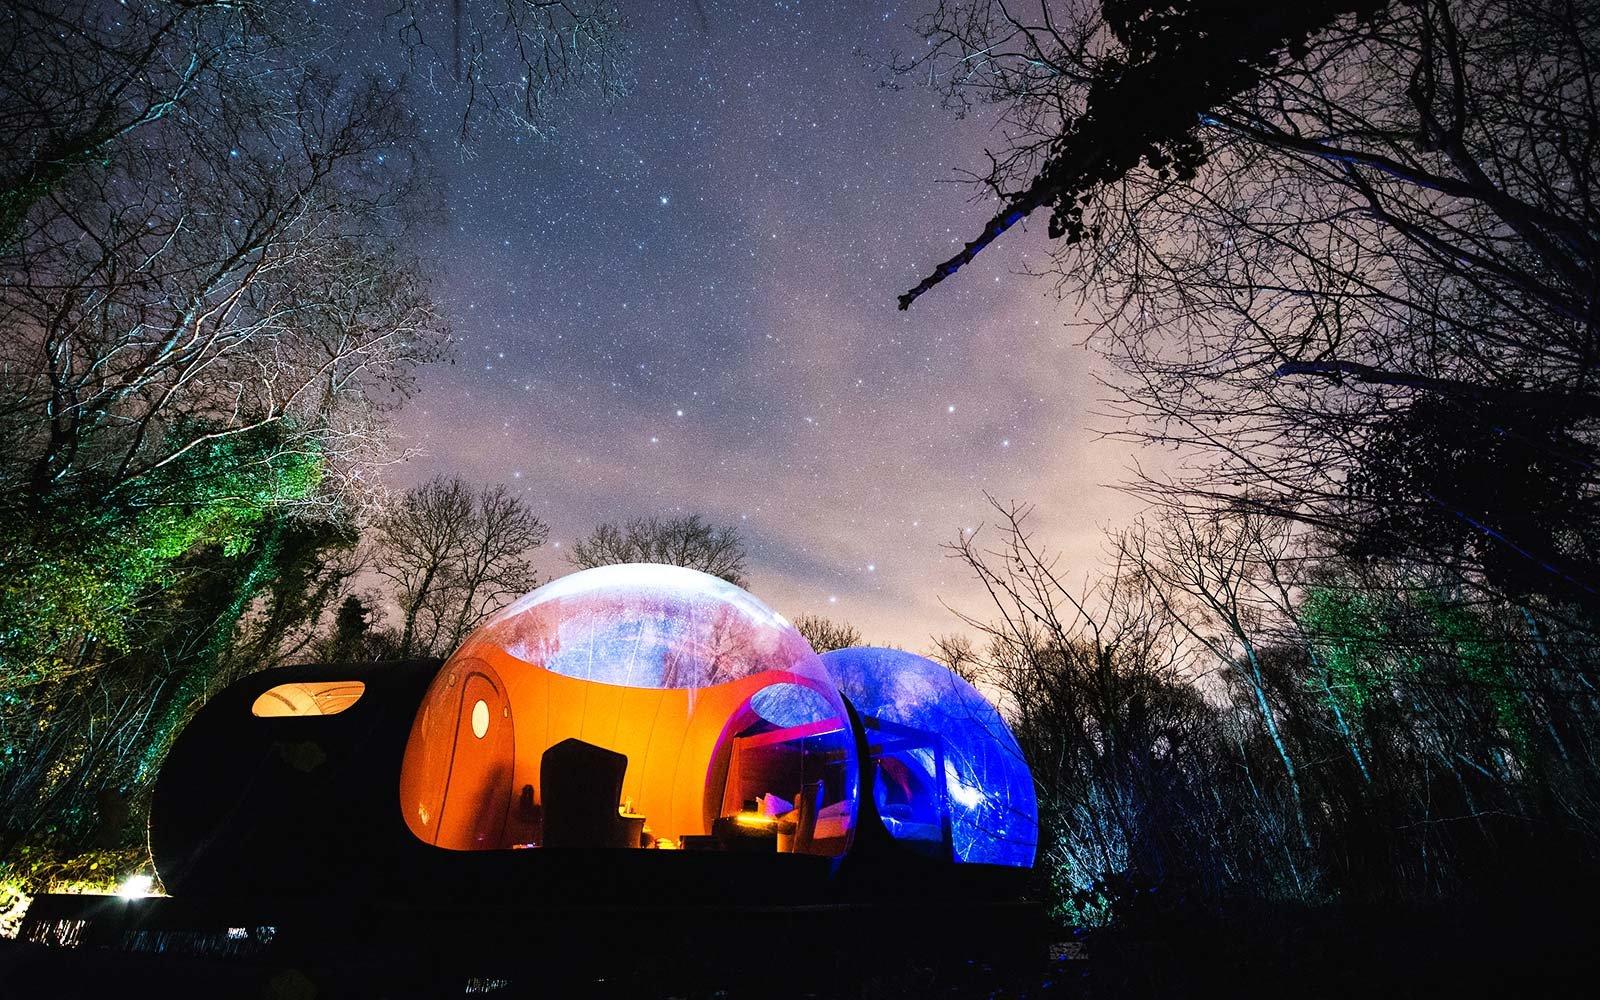 Дом-пузырь Finn Lough — комфортный отдых на фоне потрясающей природы Ирландии